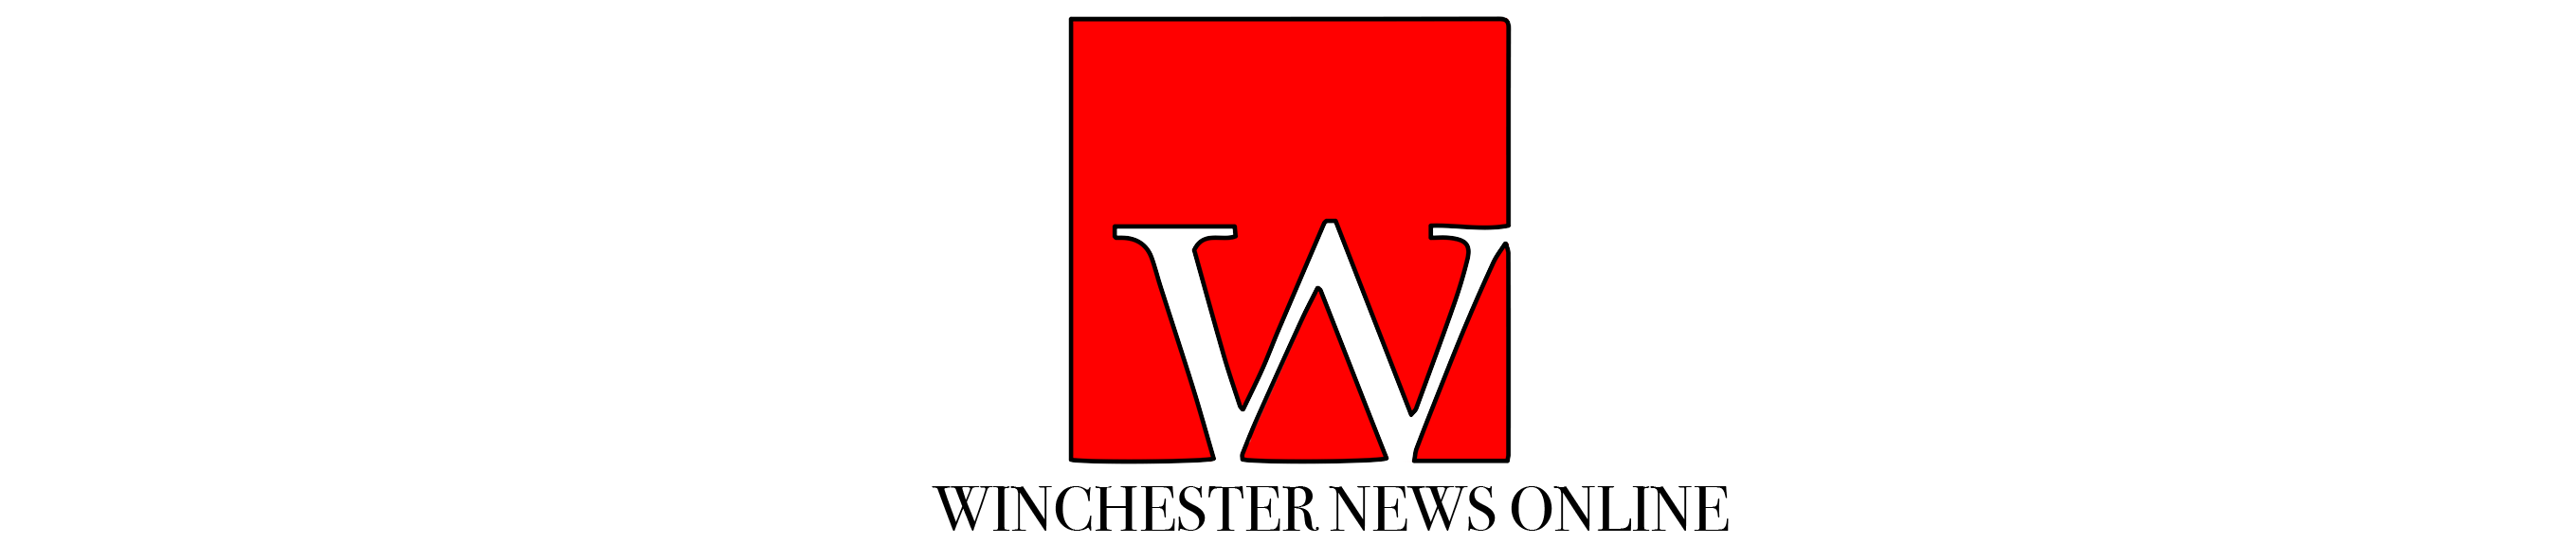 WINOL